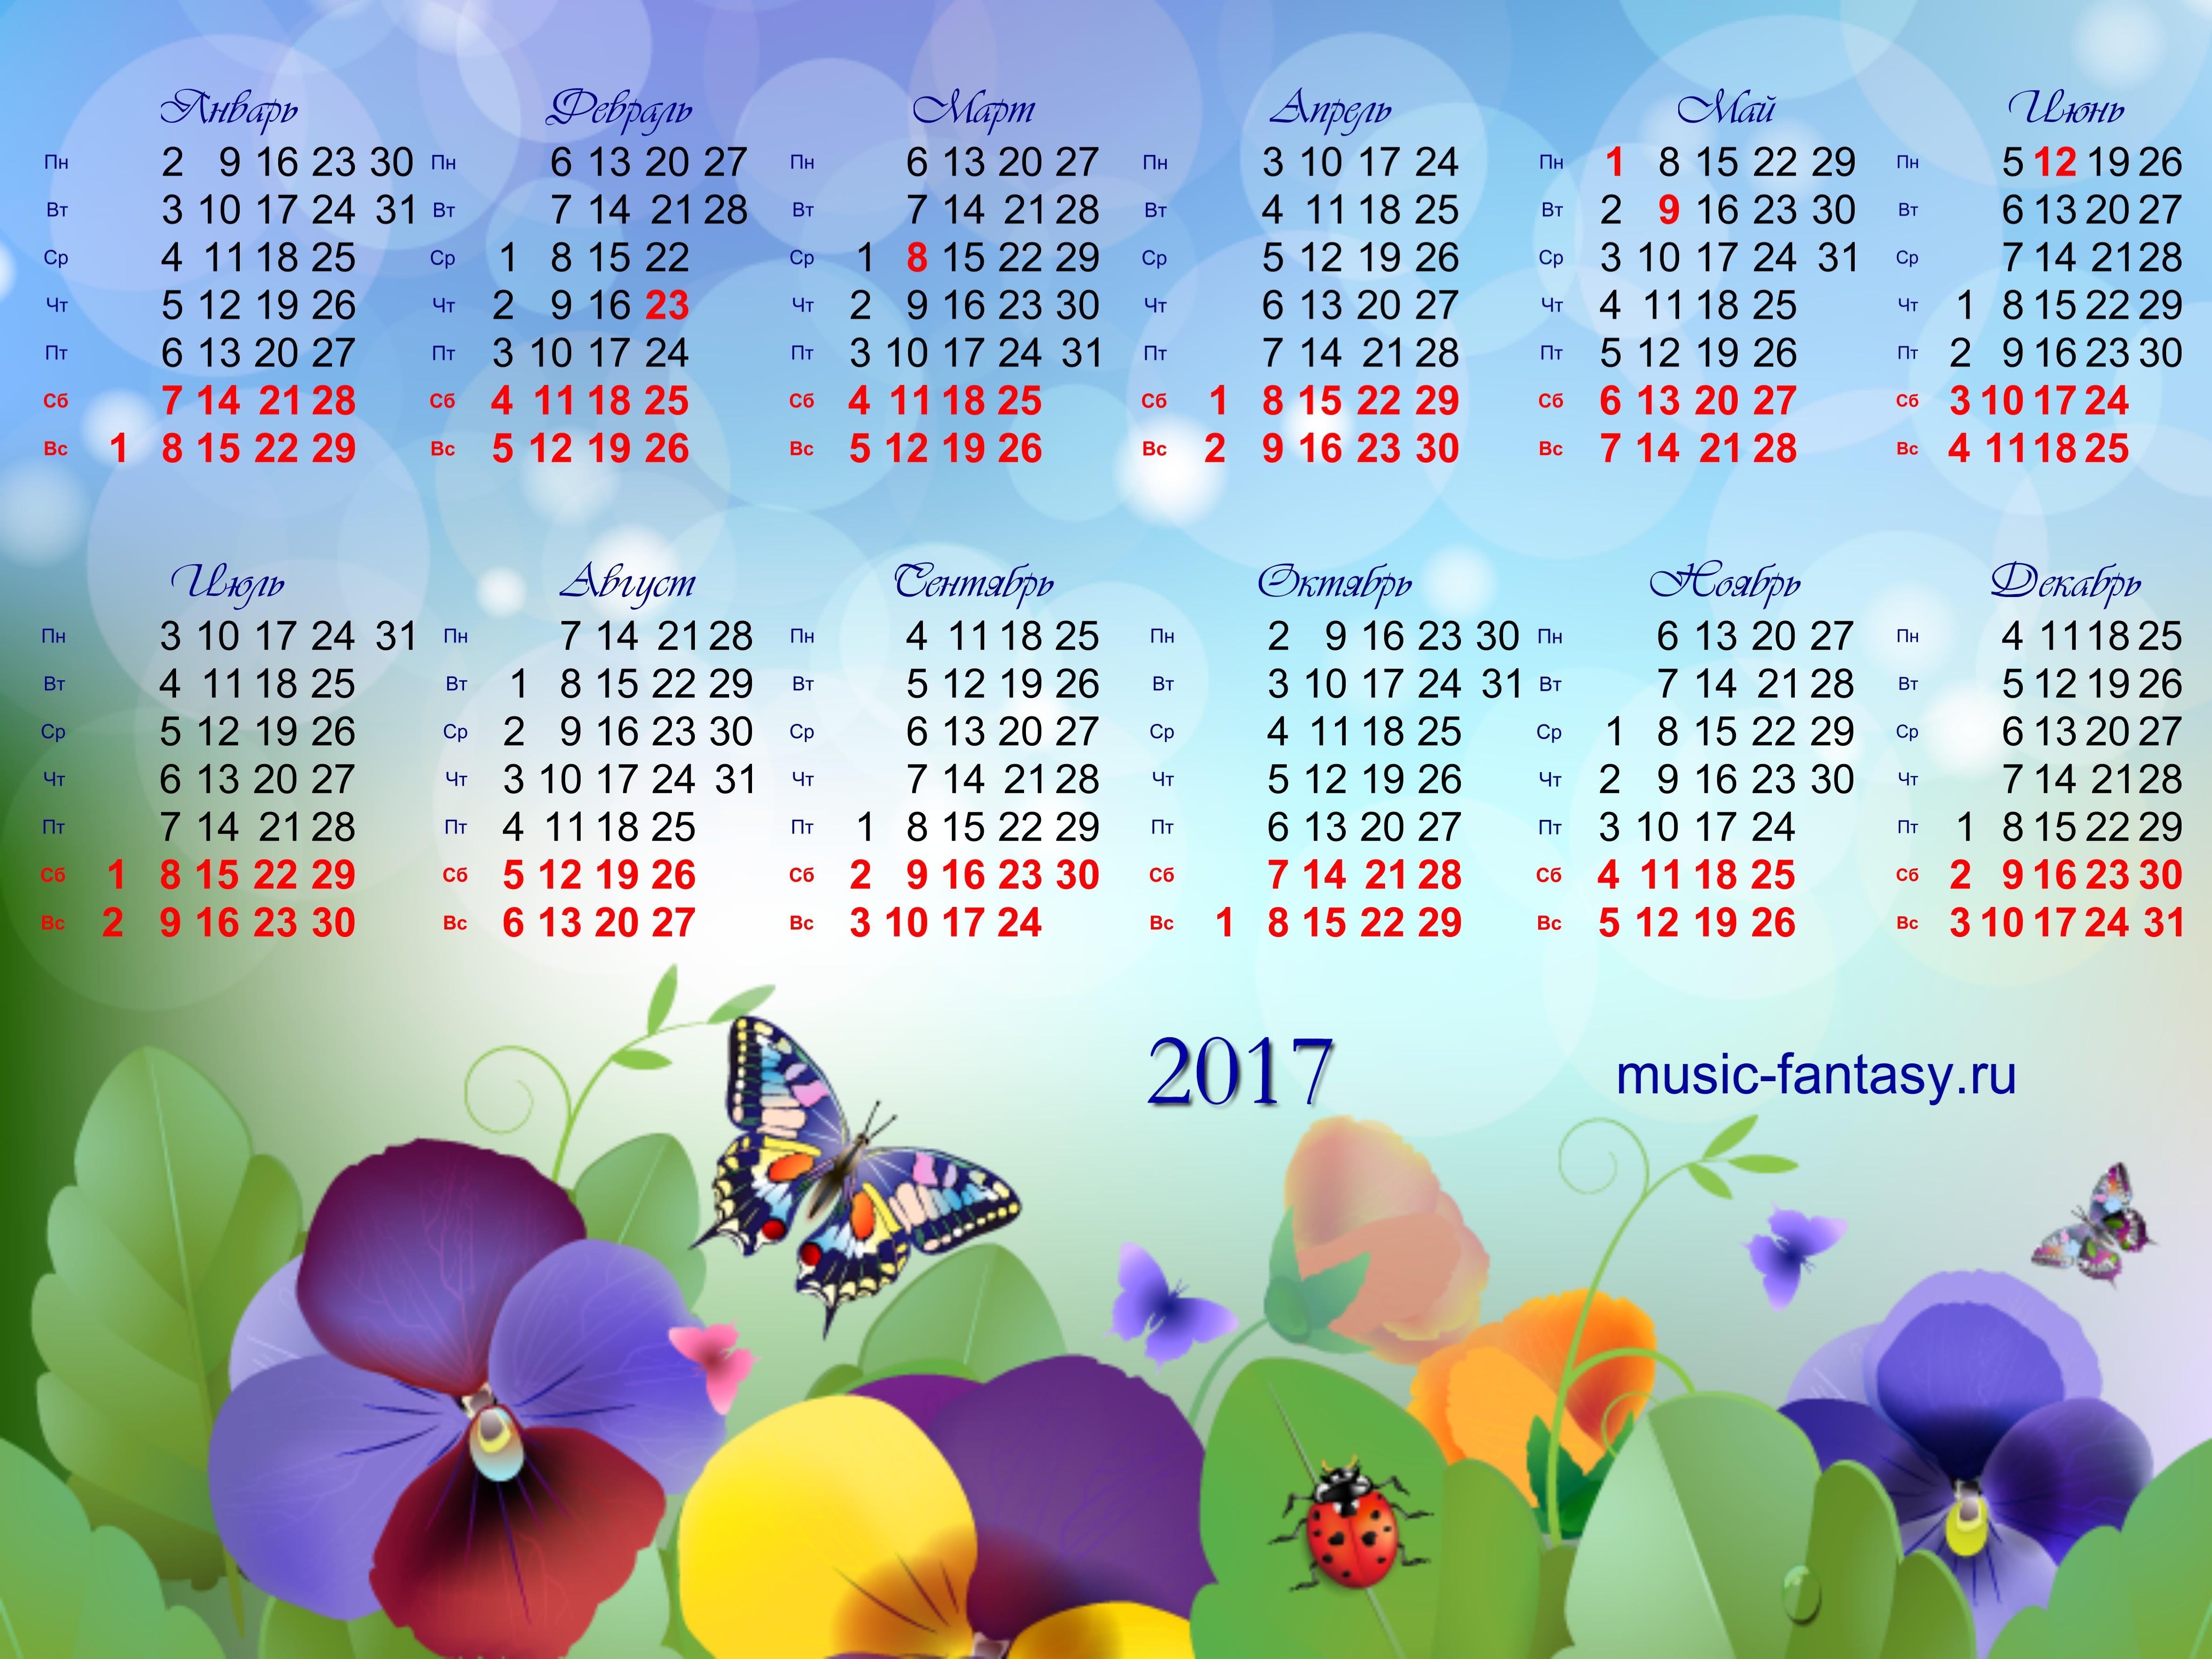 http://music-fantasy.ru/files/calendars/2017-god-var-02.jpg